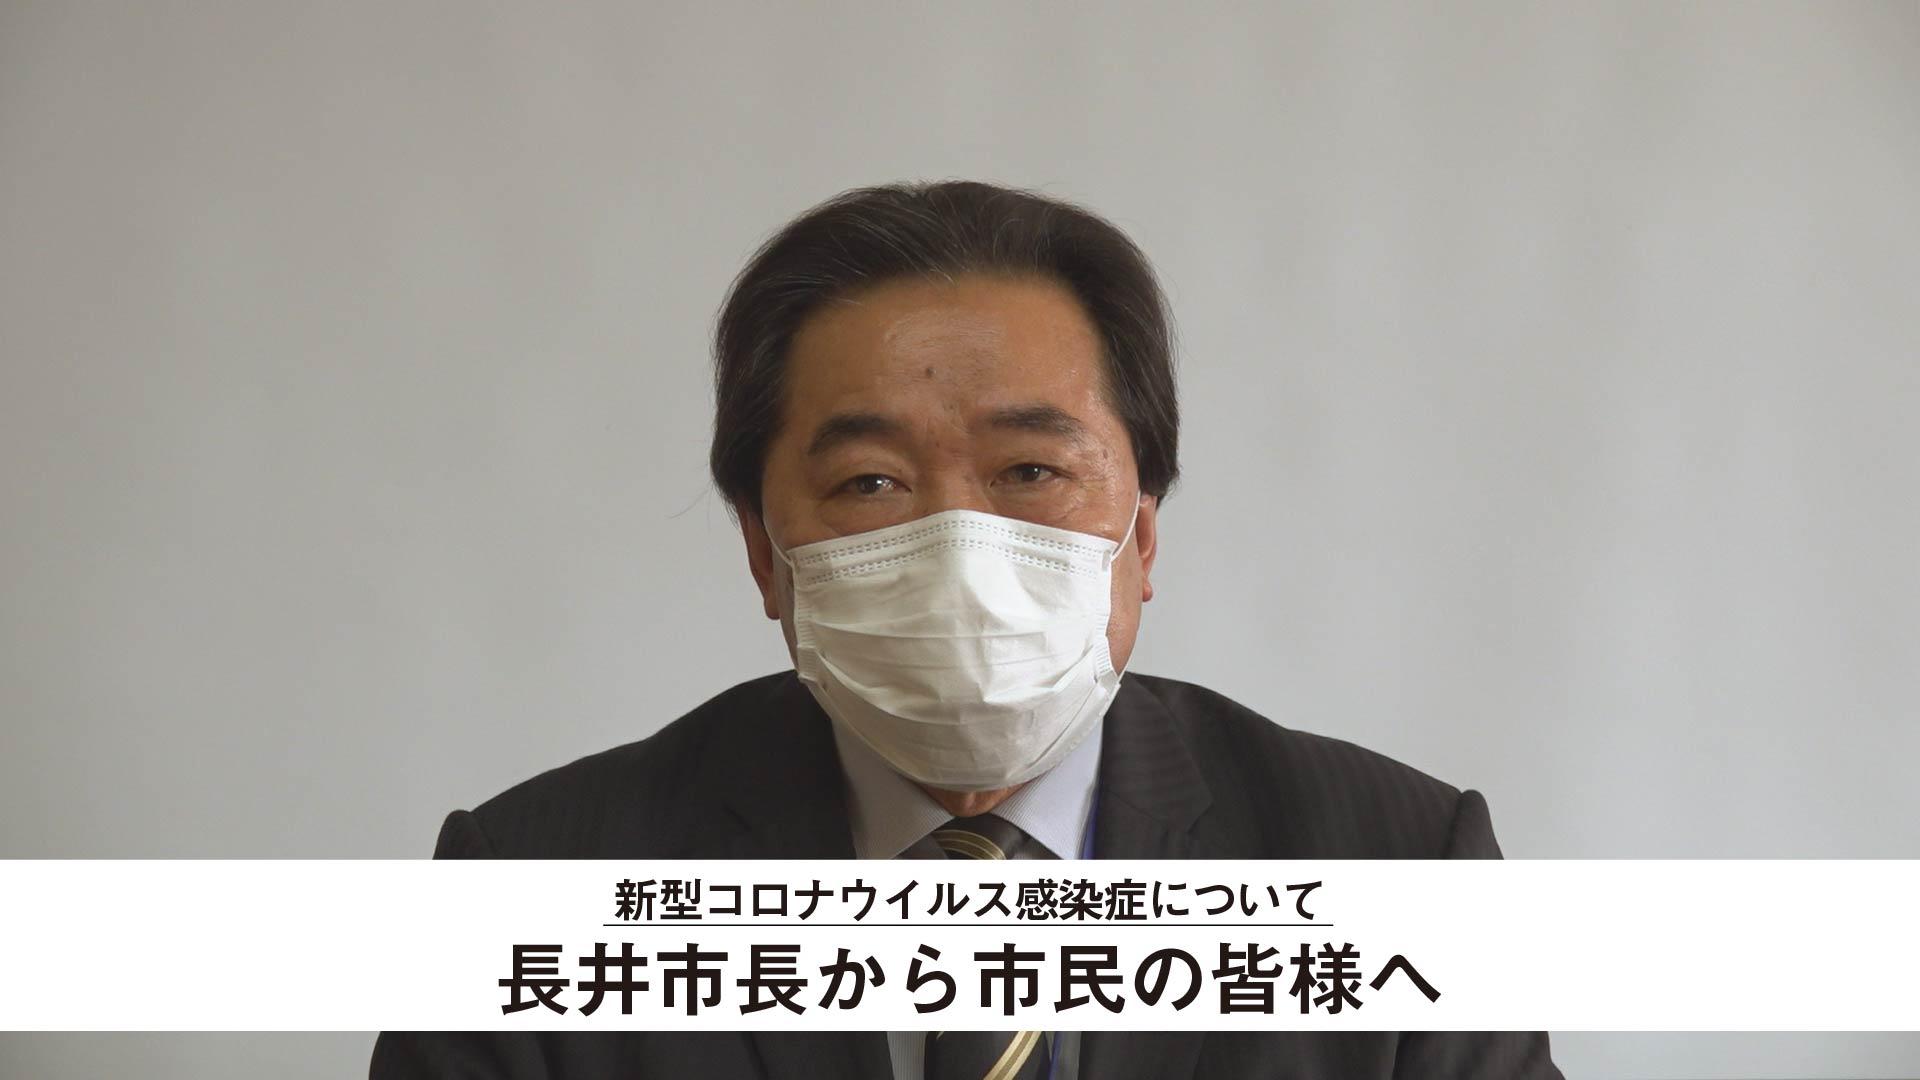 【長井市】新型コロナウイルスに関する市長メッセージ(令和2年4月15日):画像